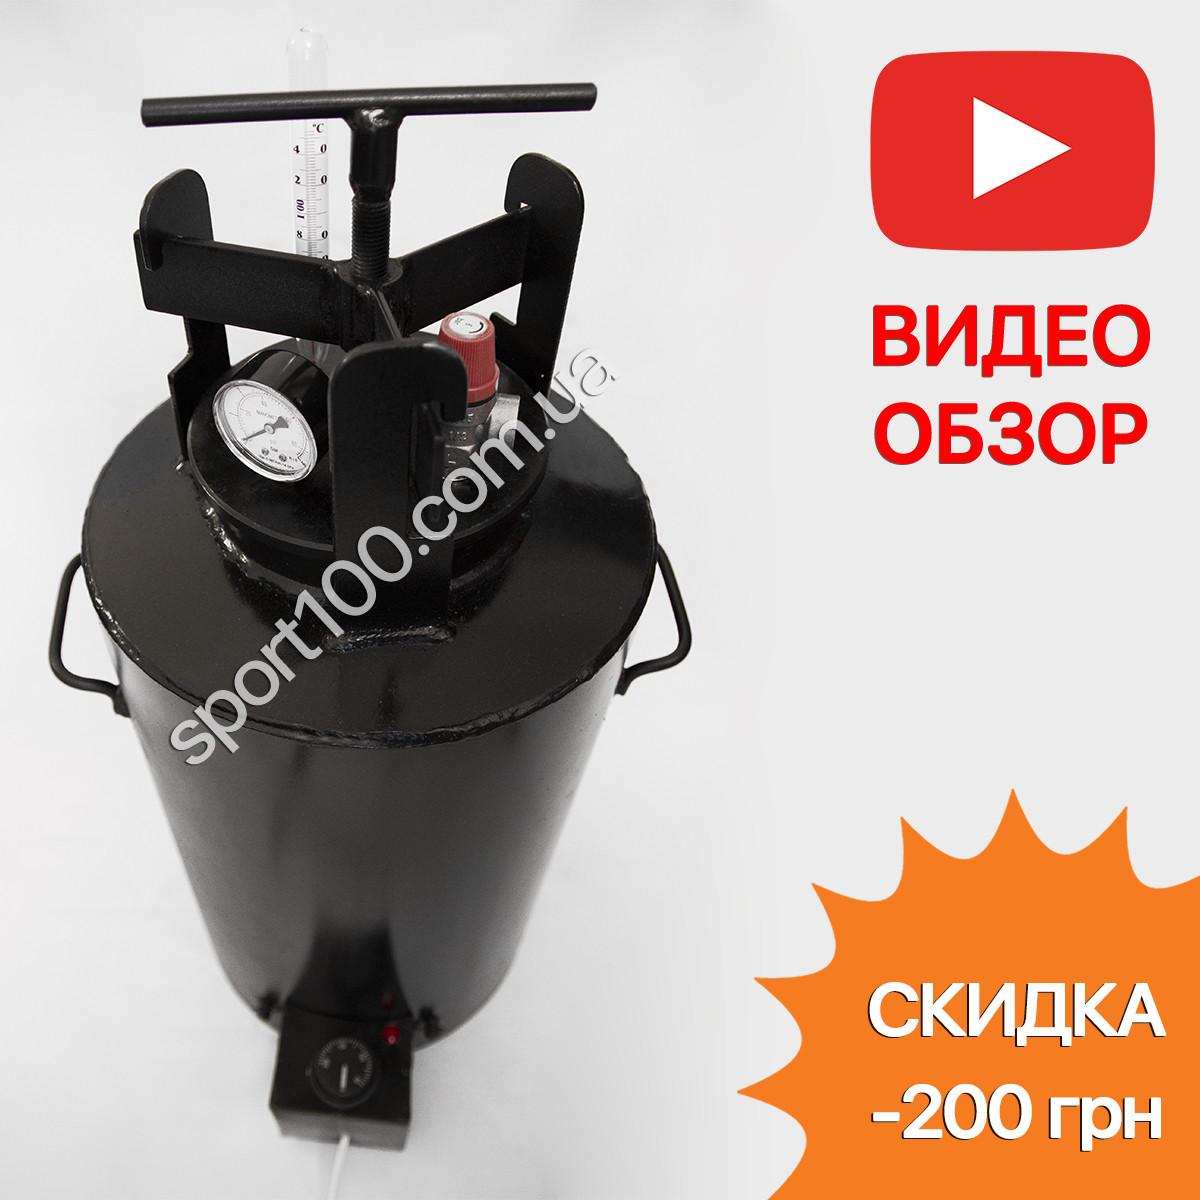 Автоклав электрический бытовой на 8 банок (винтовой) побутовий автоклав електричний 8 банок гвинтовий